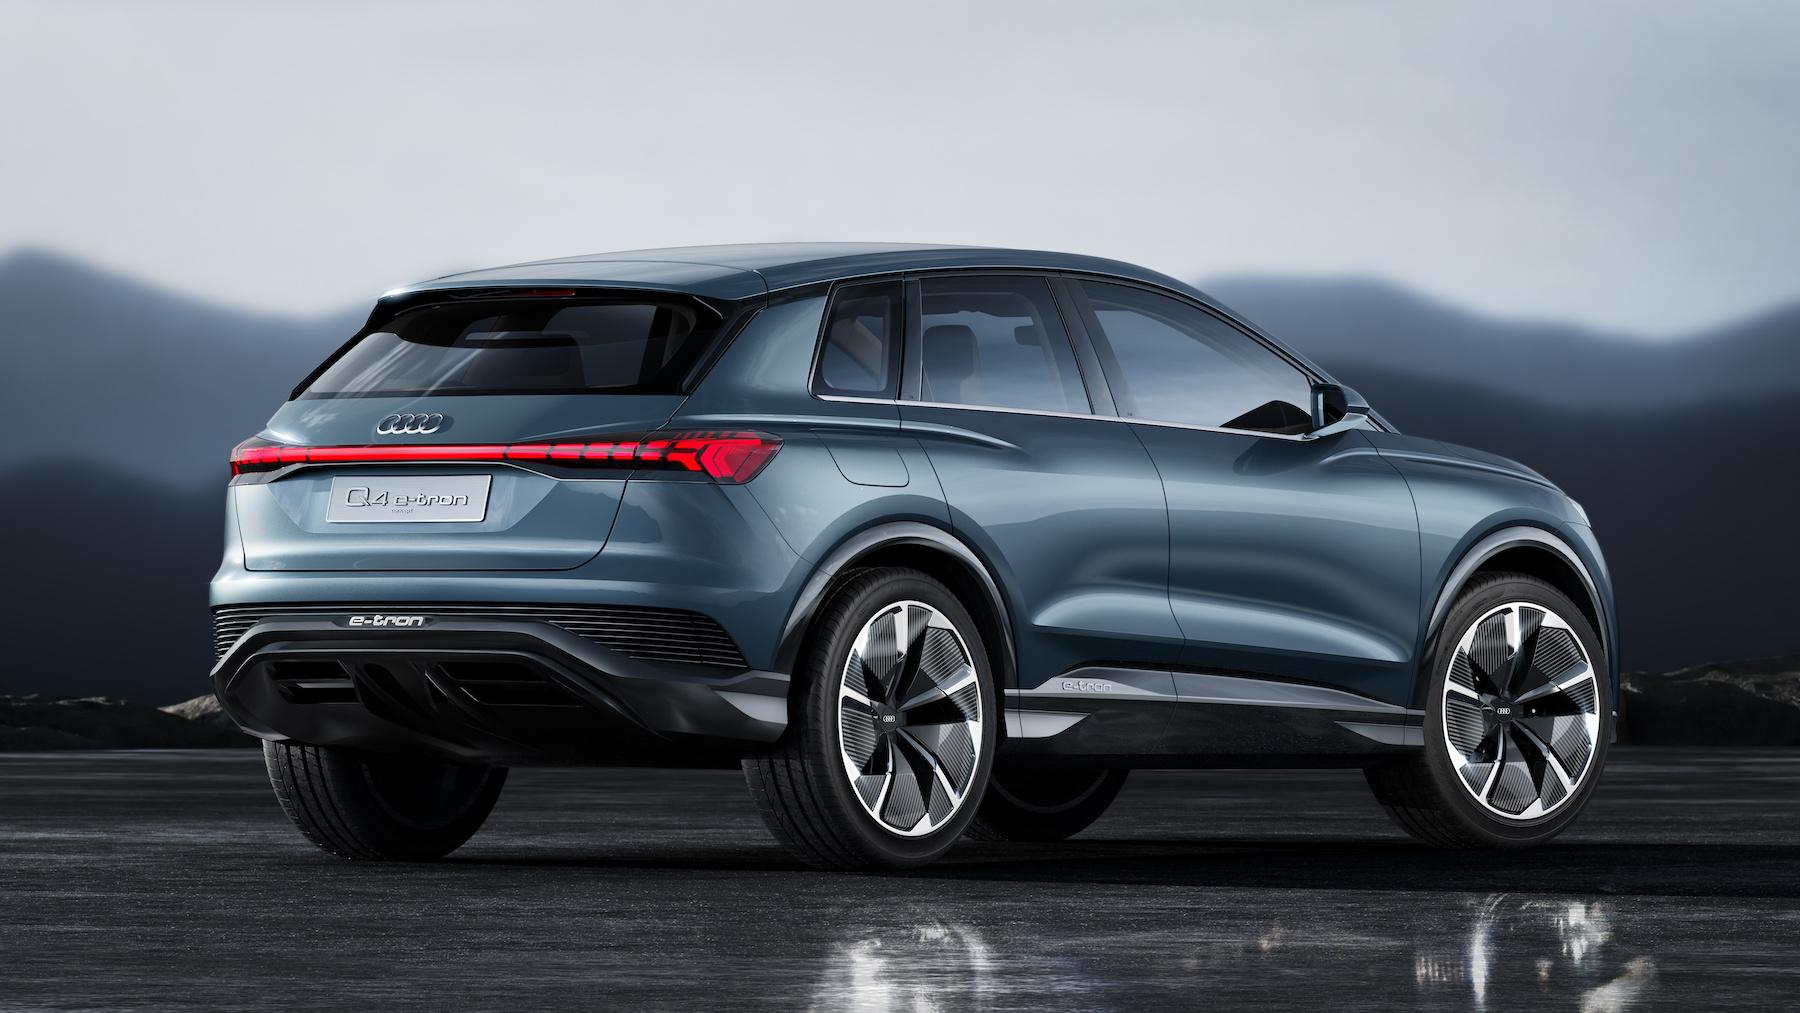 Der Audi Q4 e-tron concept ist der fünfte vollelektrische Audi, der bis Ende 2020 auf dem Markt sein soll. (AUDI)